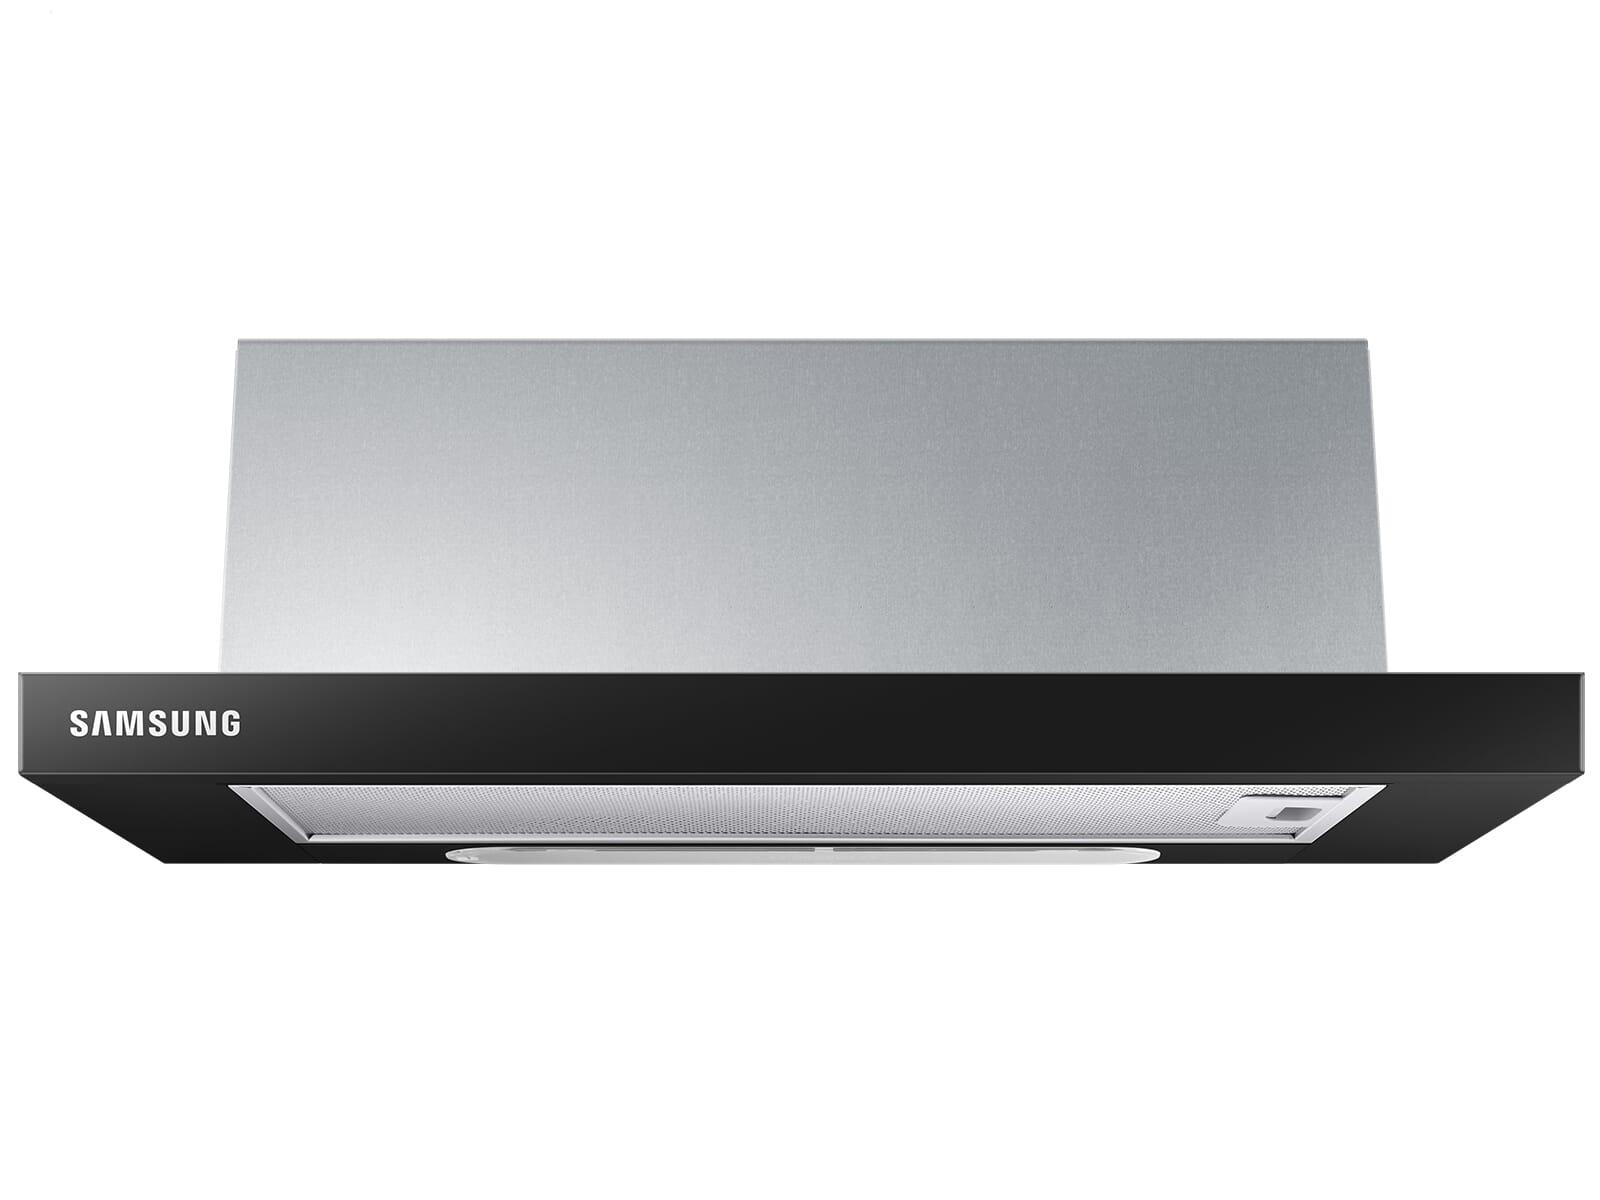 Samsung NK24M1030IB/UR Flachschirmhaube 60 cm Schwarz